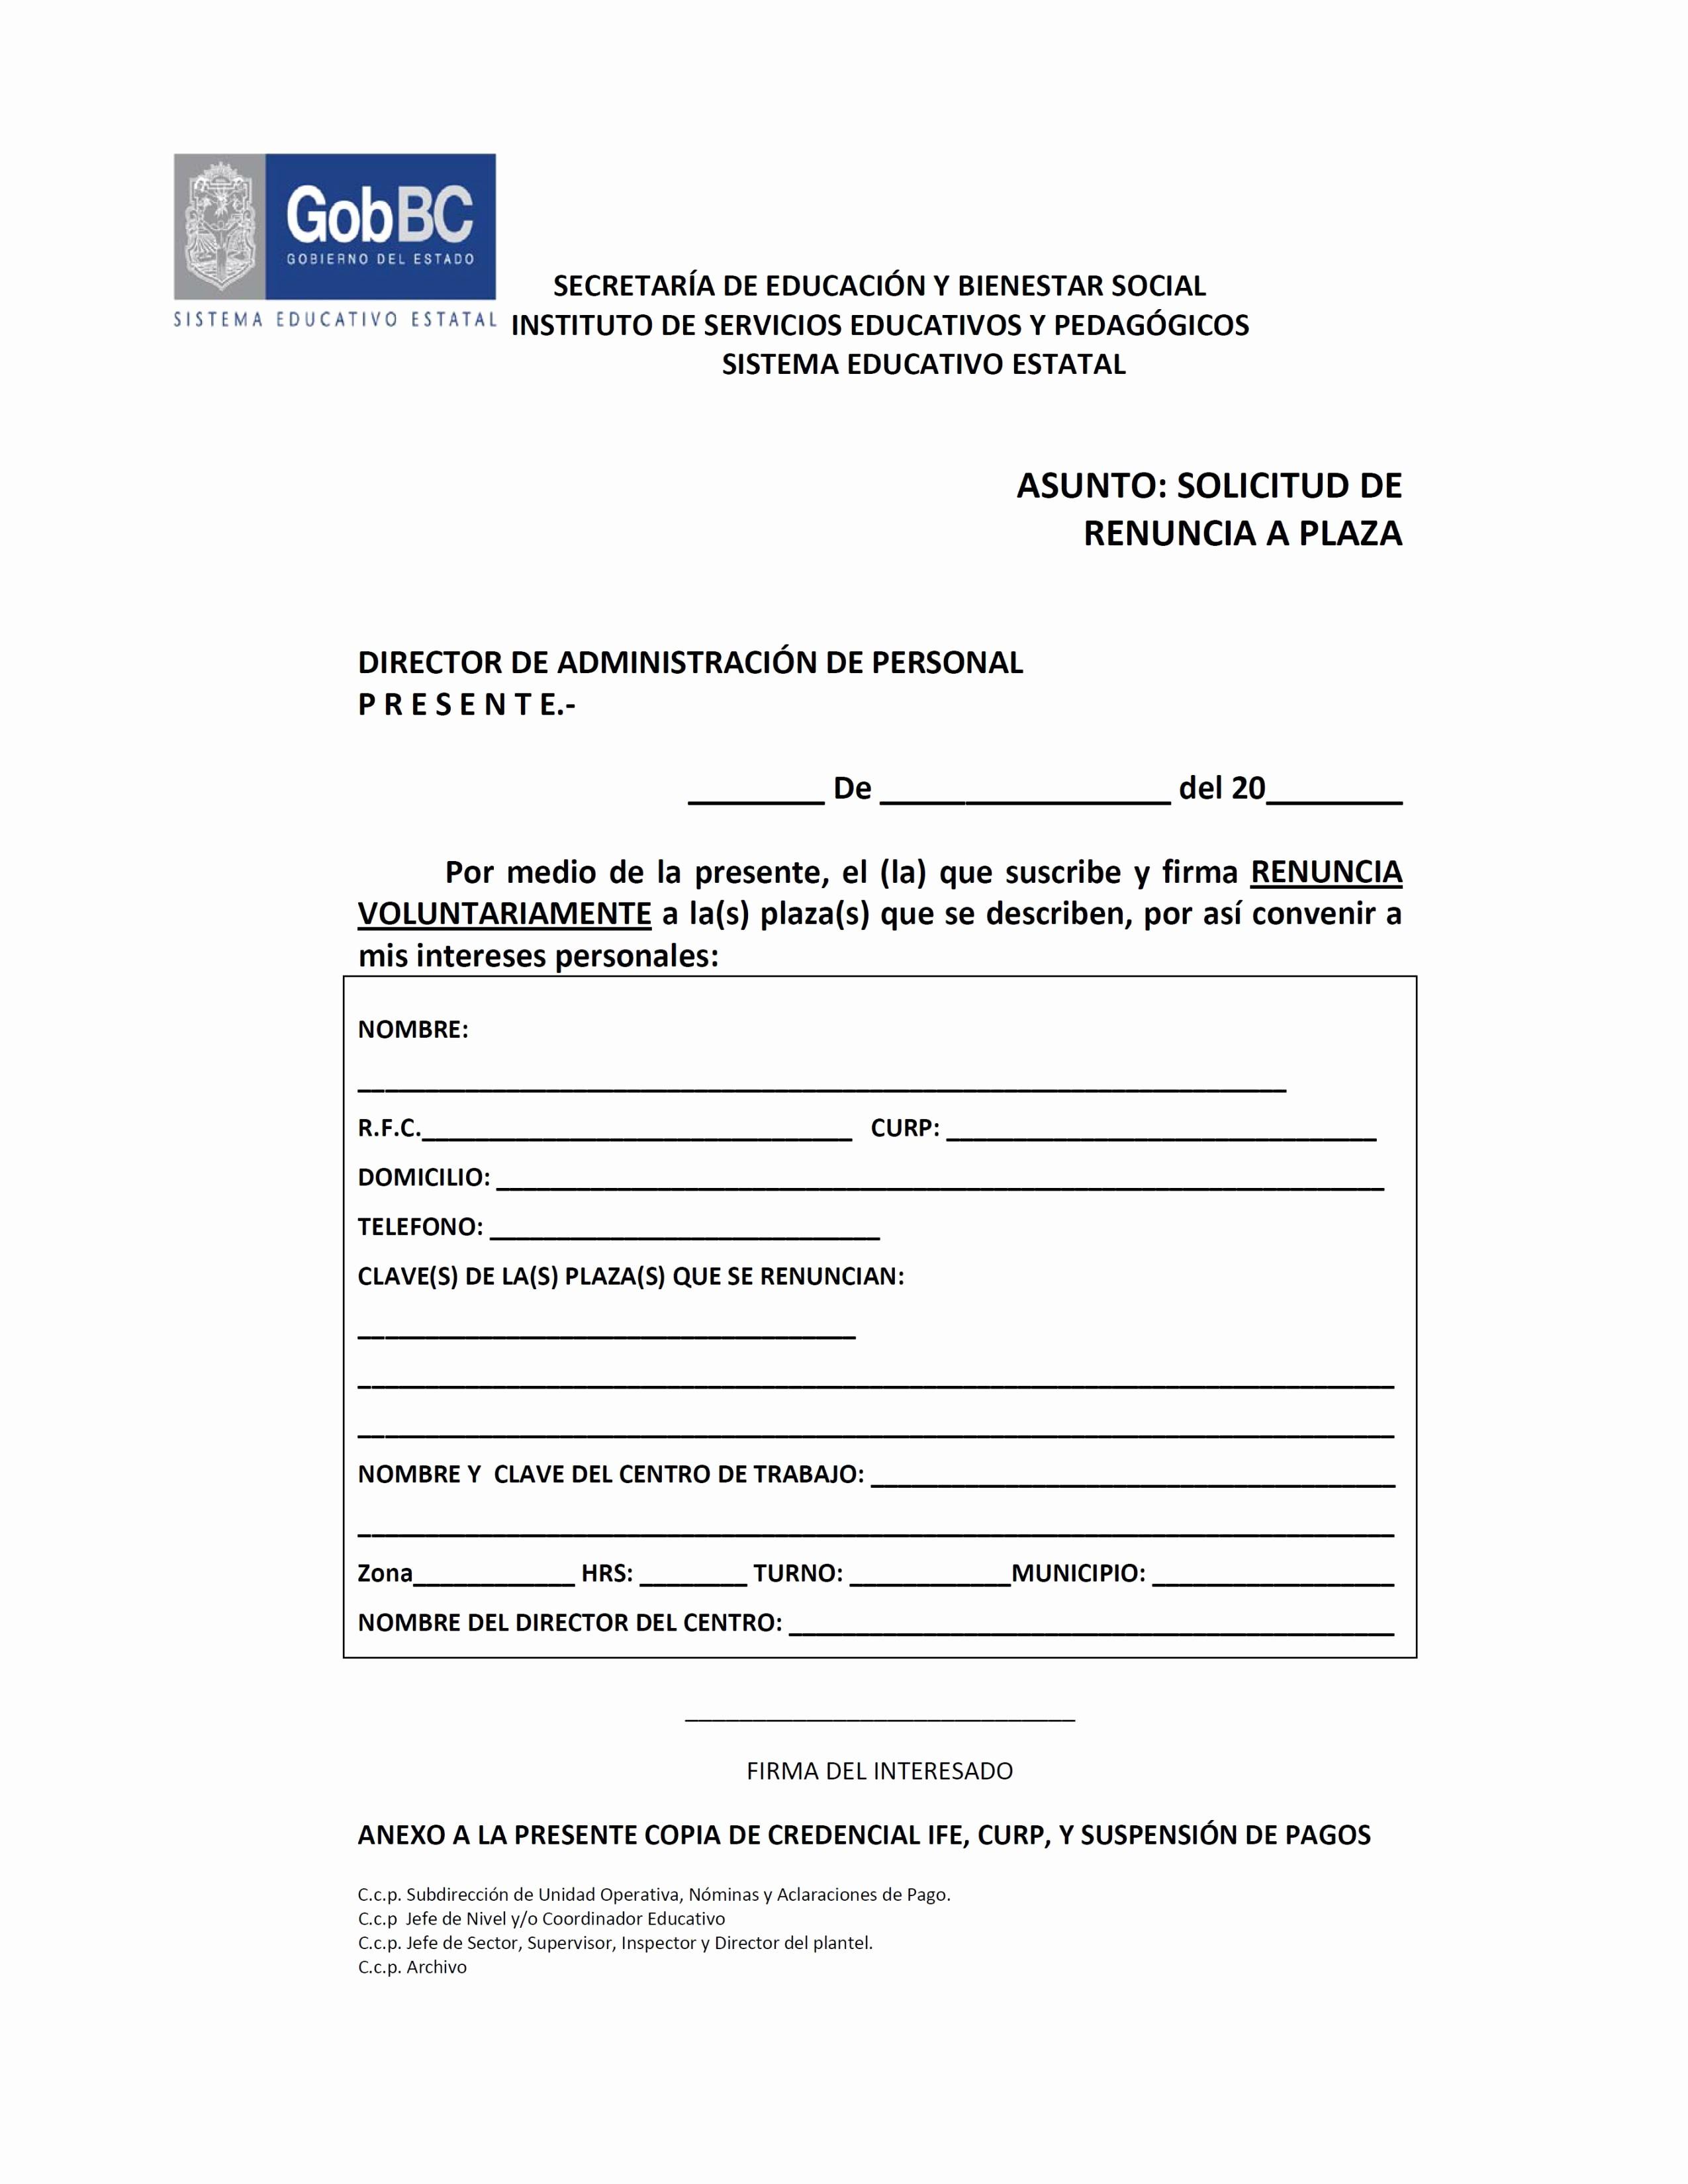 Formato De Carta De solicitud Inspirational formato solicitud De Renuncia A Plaza Sebs